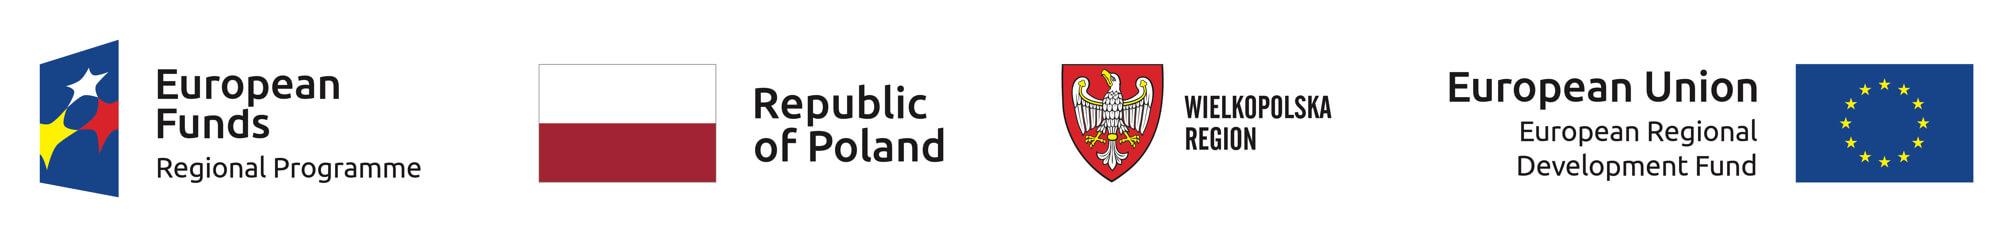 Sponsor logotypes